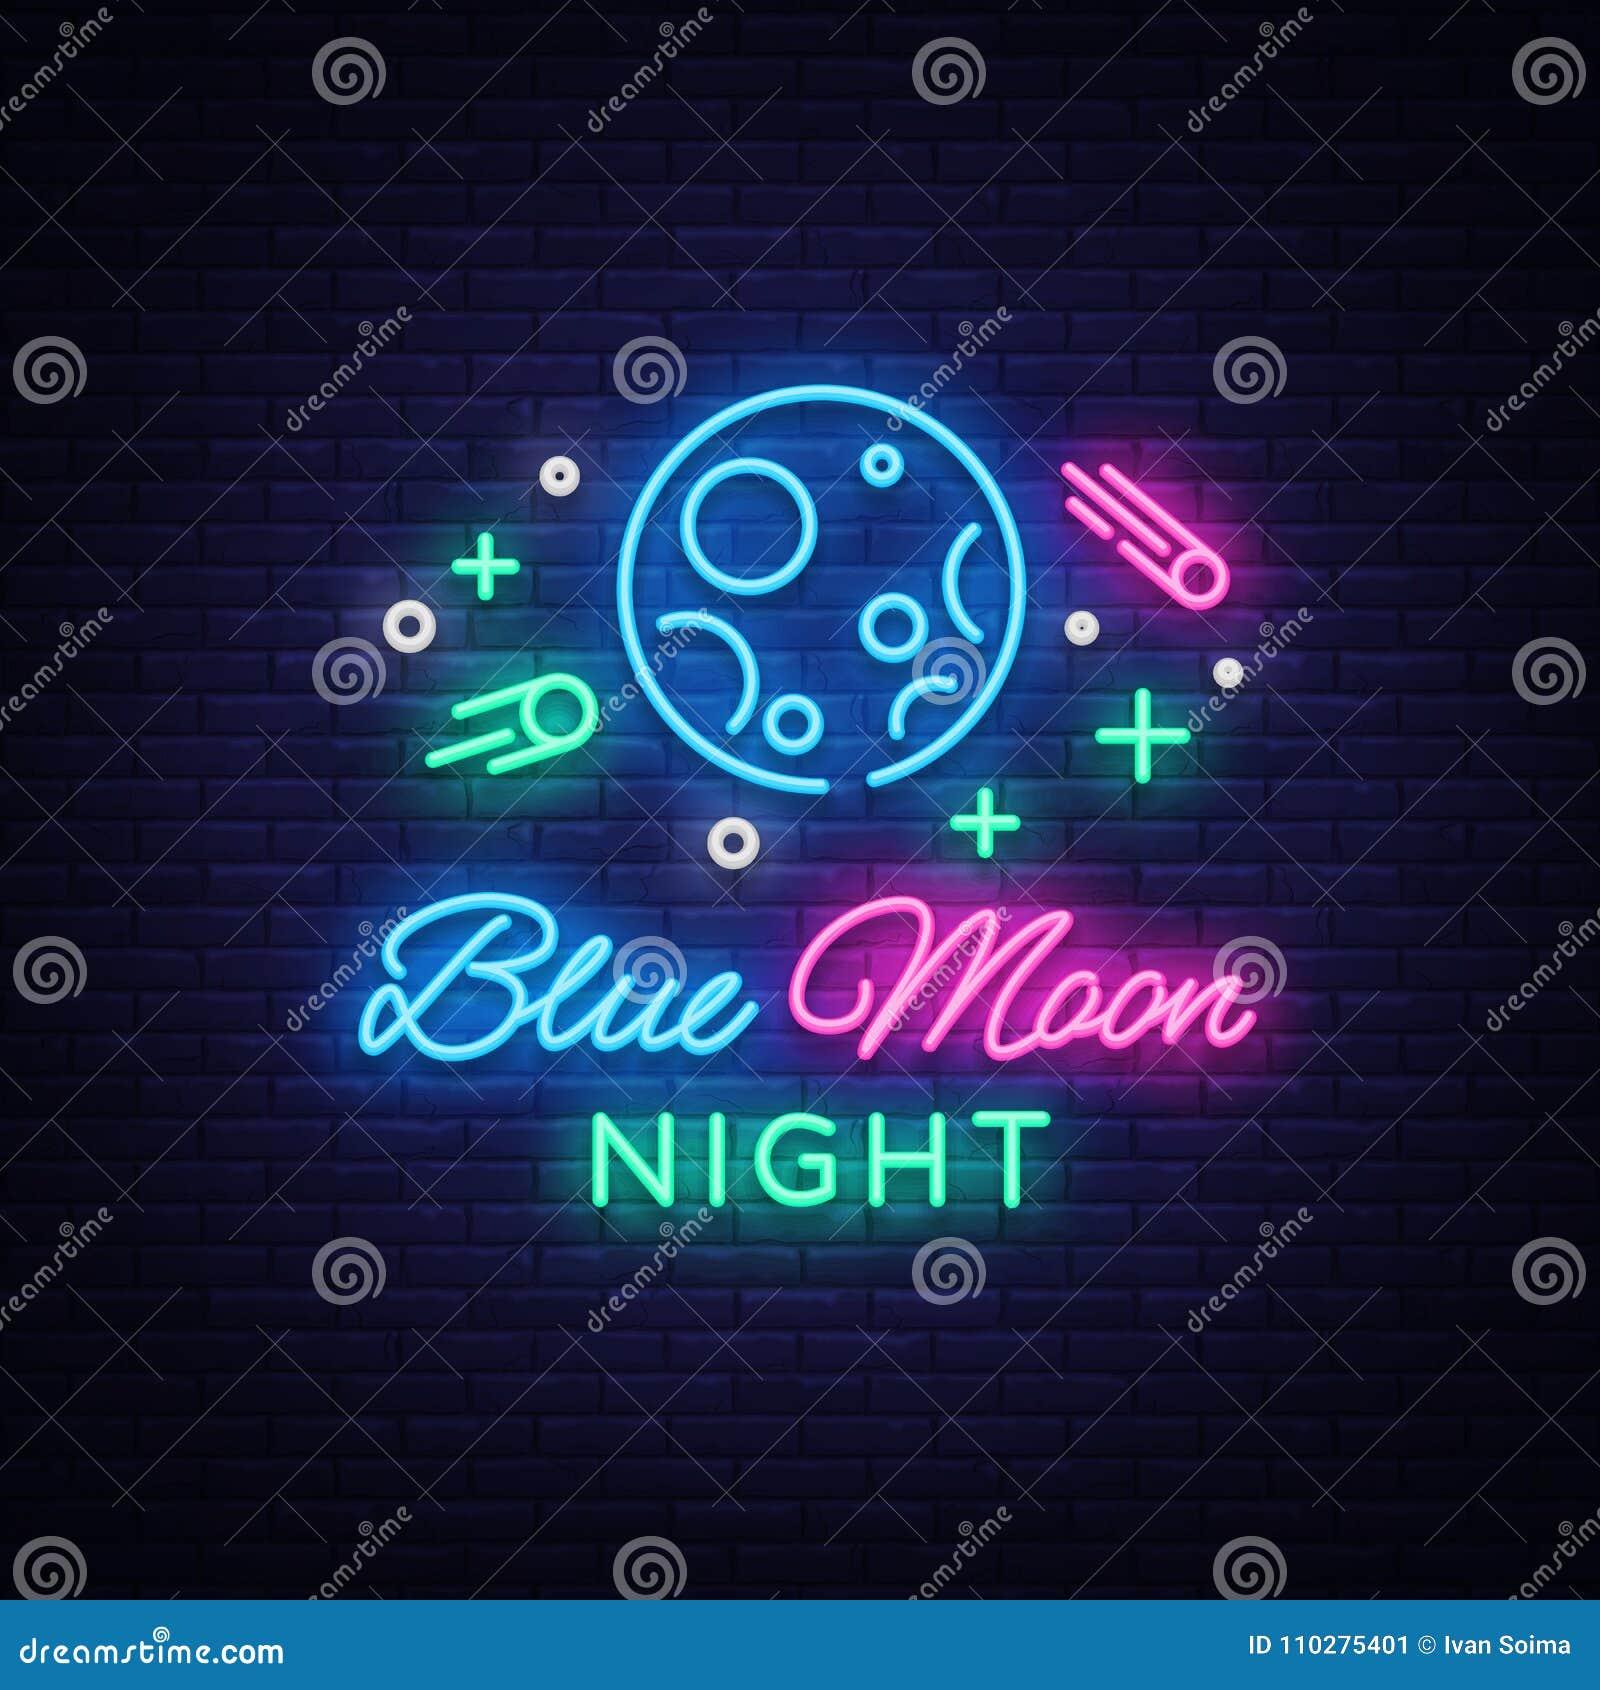 Текст рекламы для ночного клуба комментарии о клубах москвы